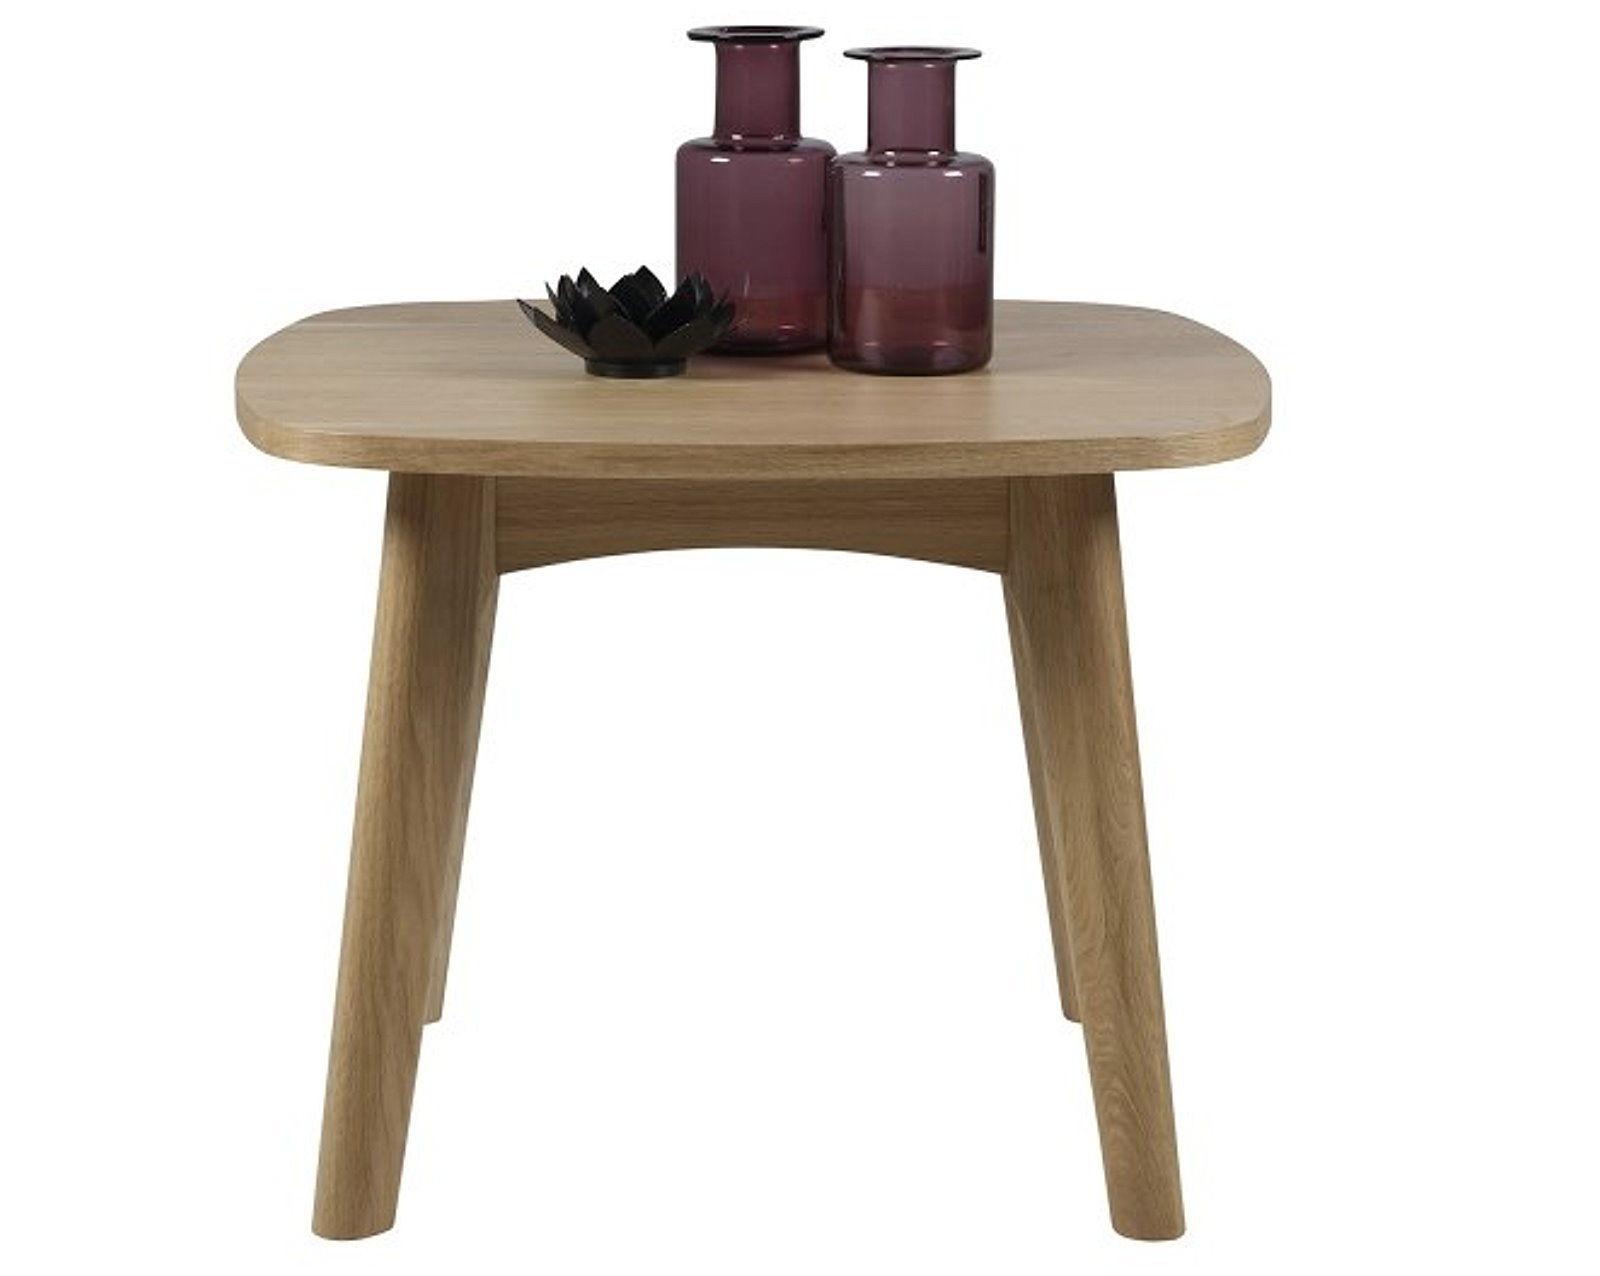 pkline ecktisch beistelltisch holztisch wohnzimmertisch tisch dynamic. Black Bedroom Furniture Sets. Home Design Ideas